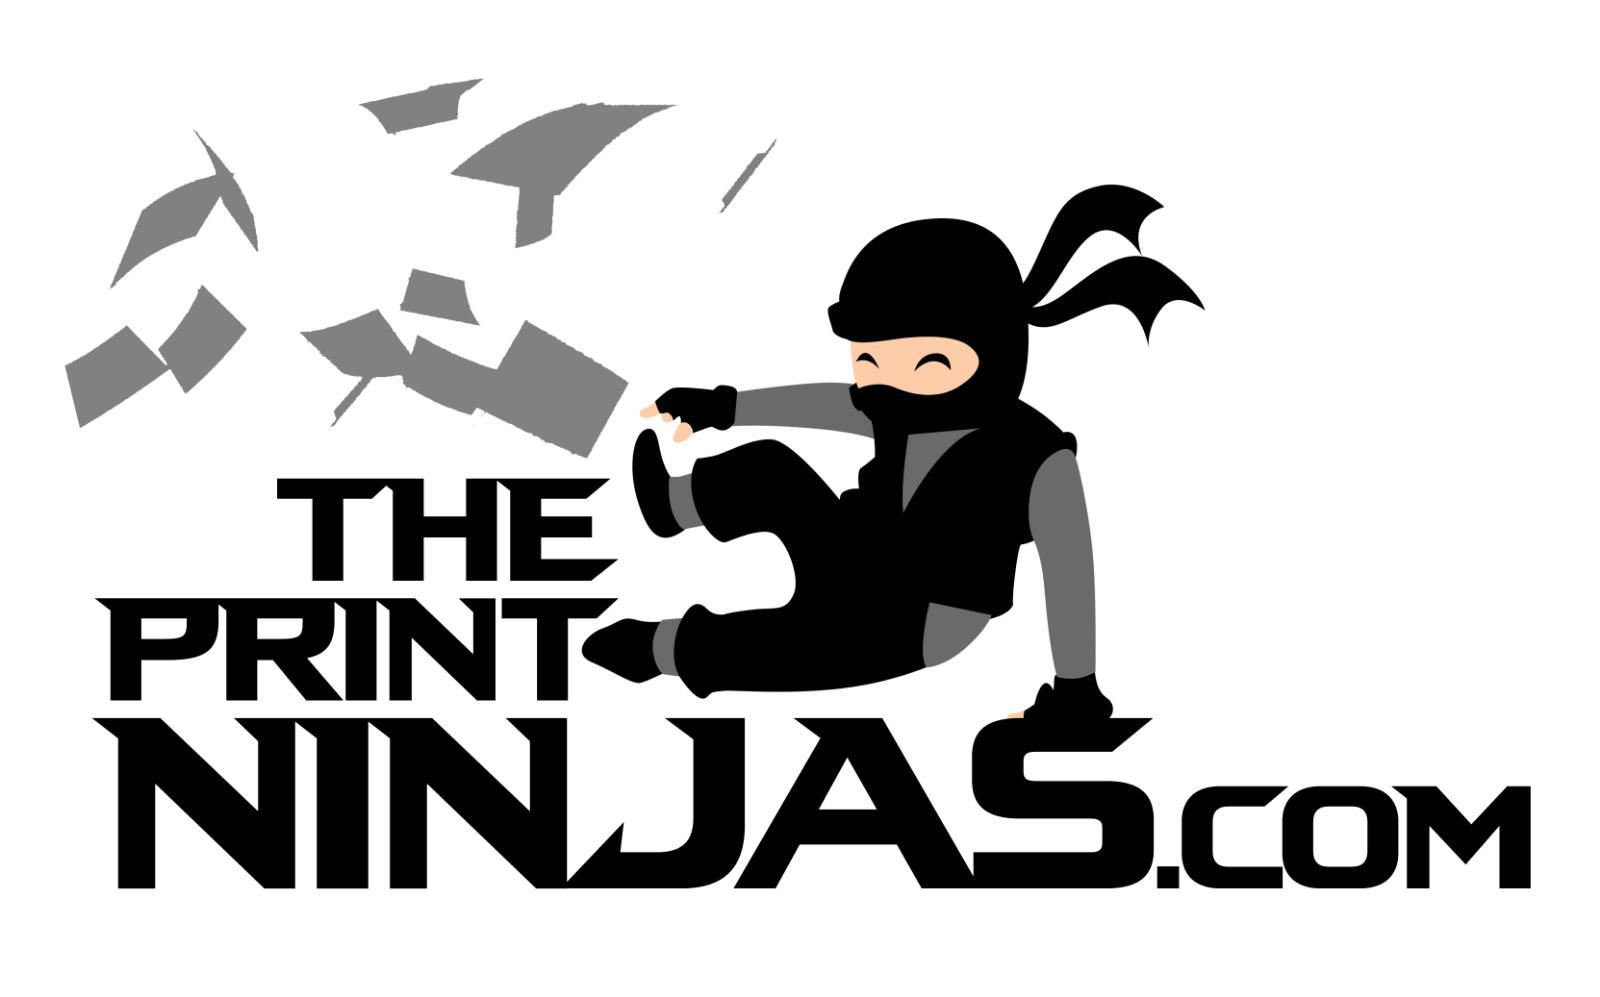 Web2printit